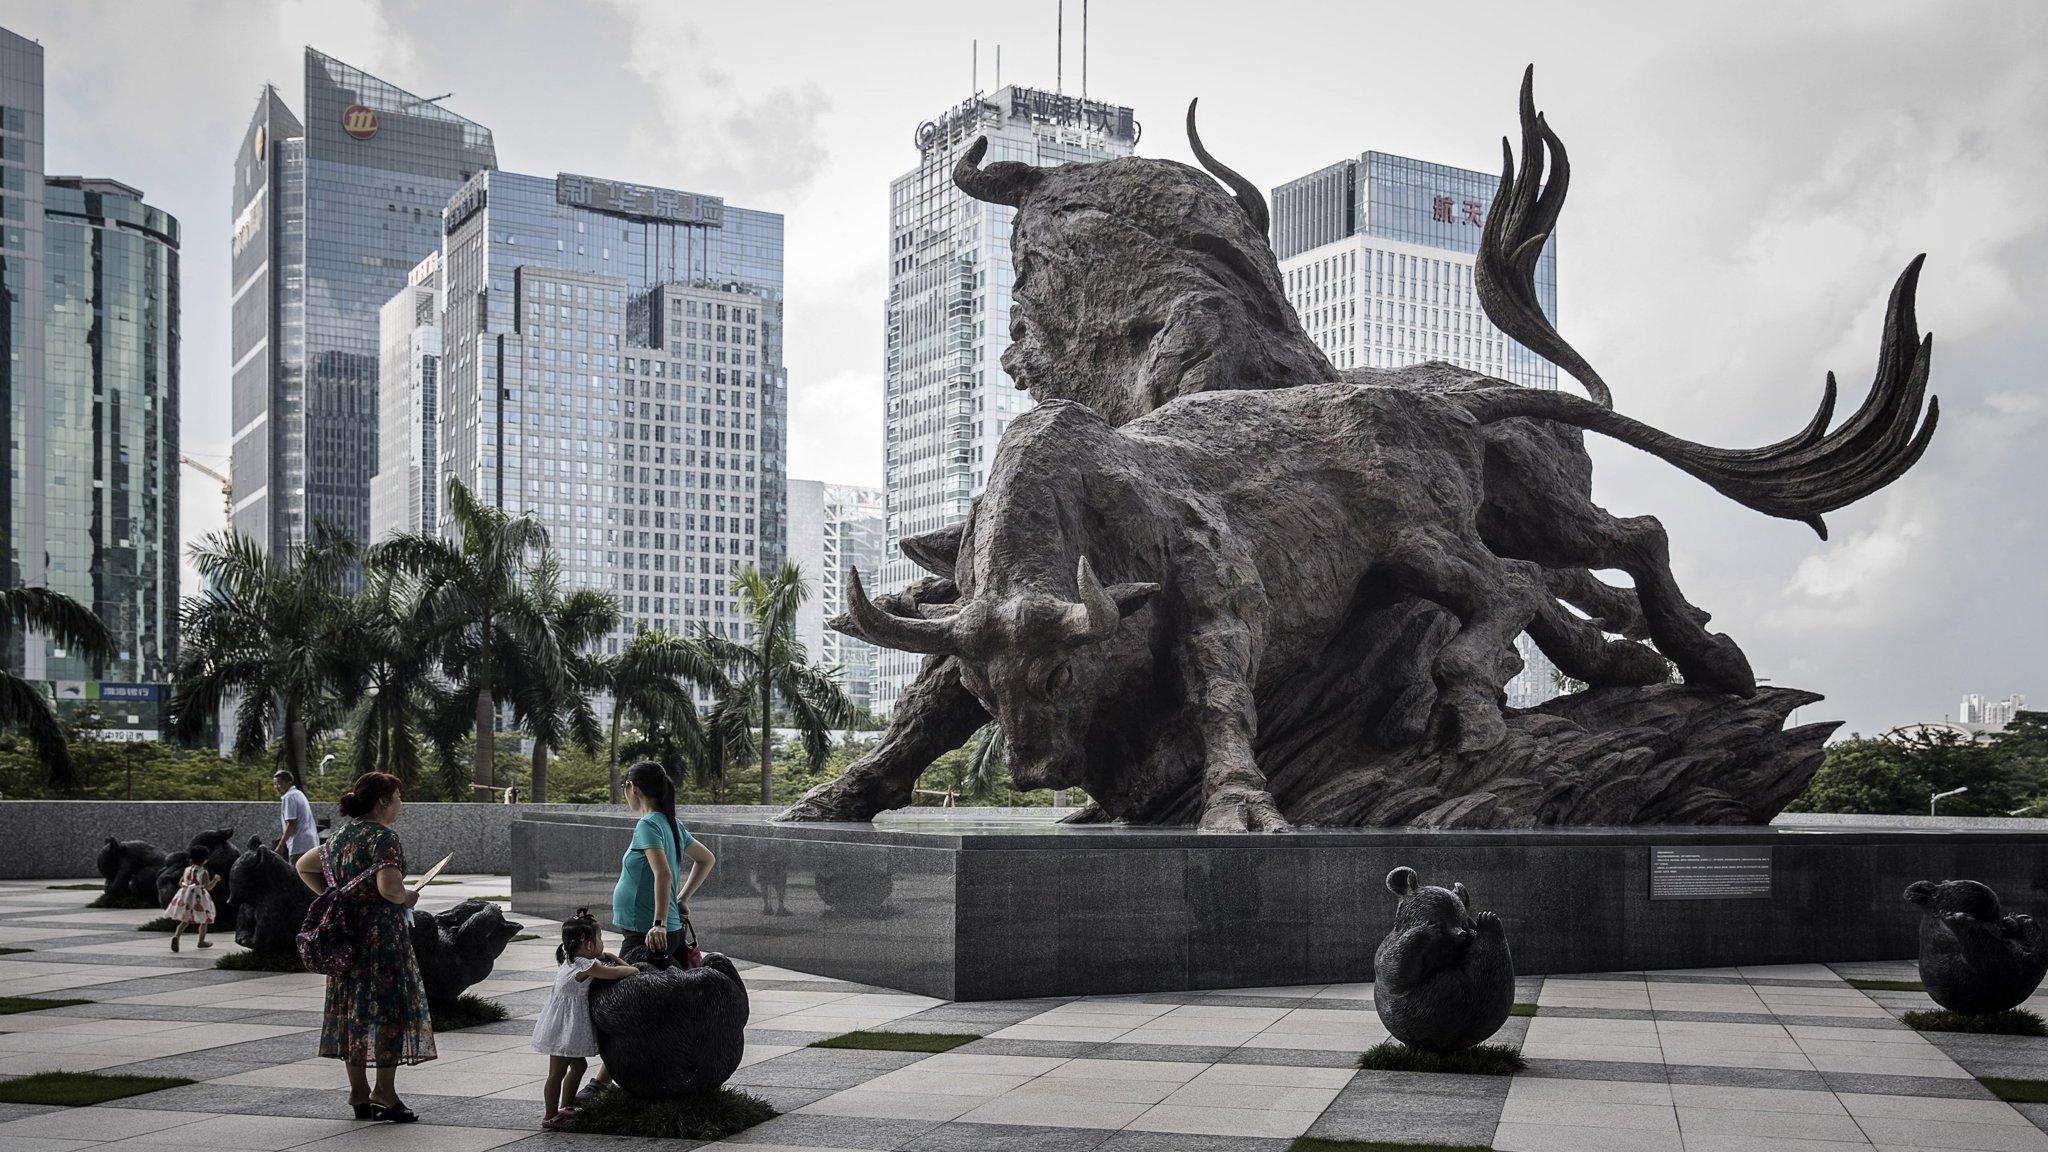 China stocks at risk of outpacing fundamentals